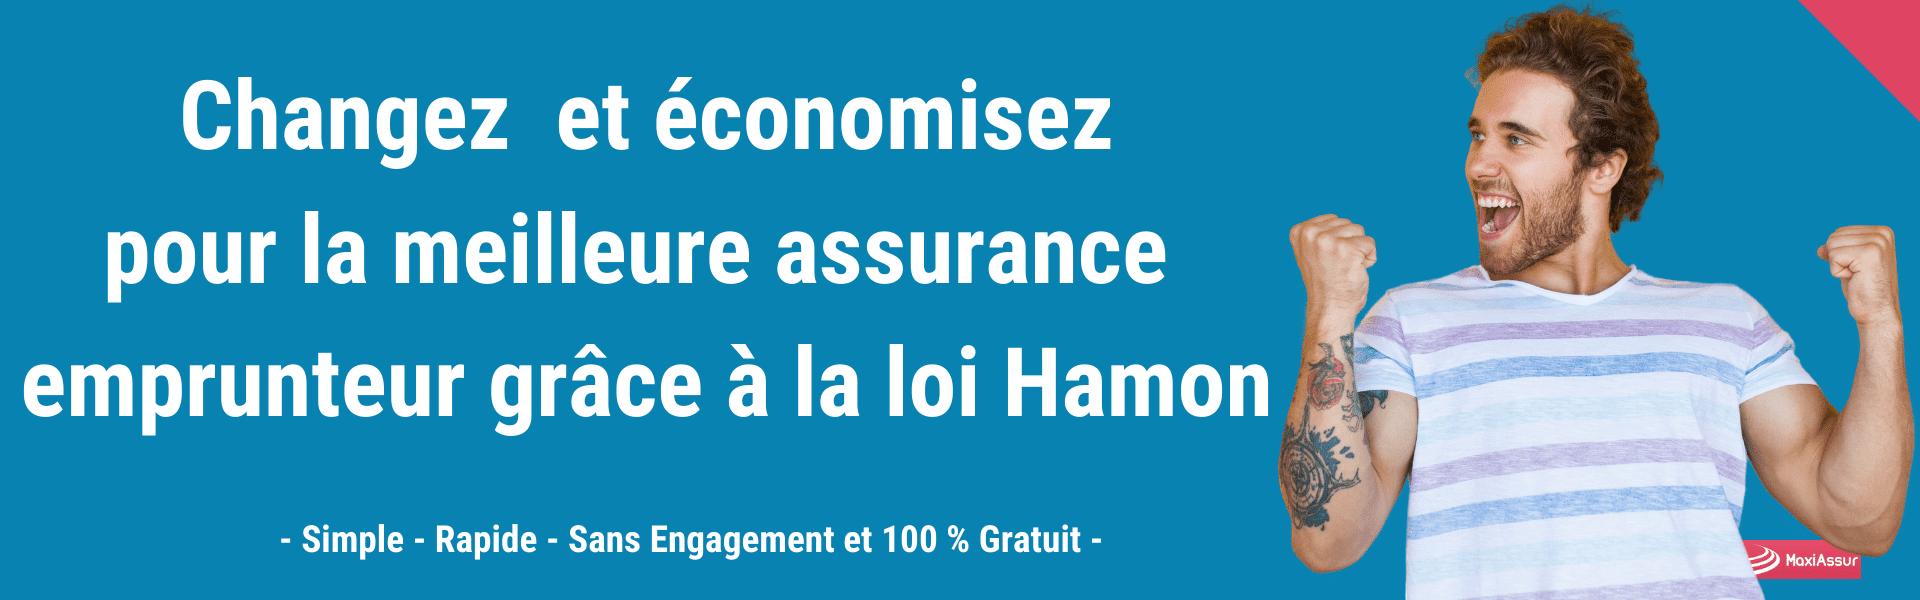 Que change la loi Hamon pour l'assurance emprunteur _